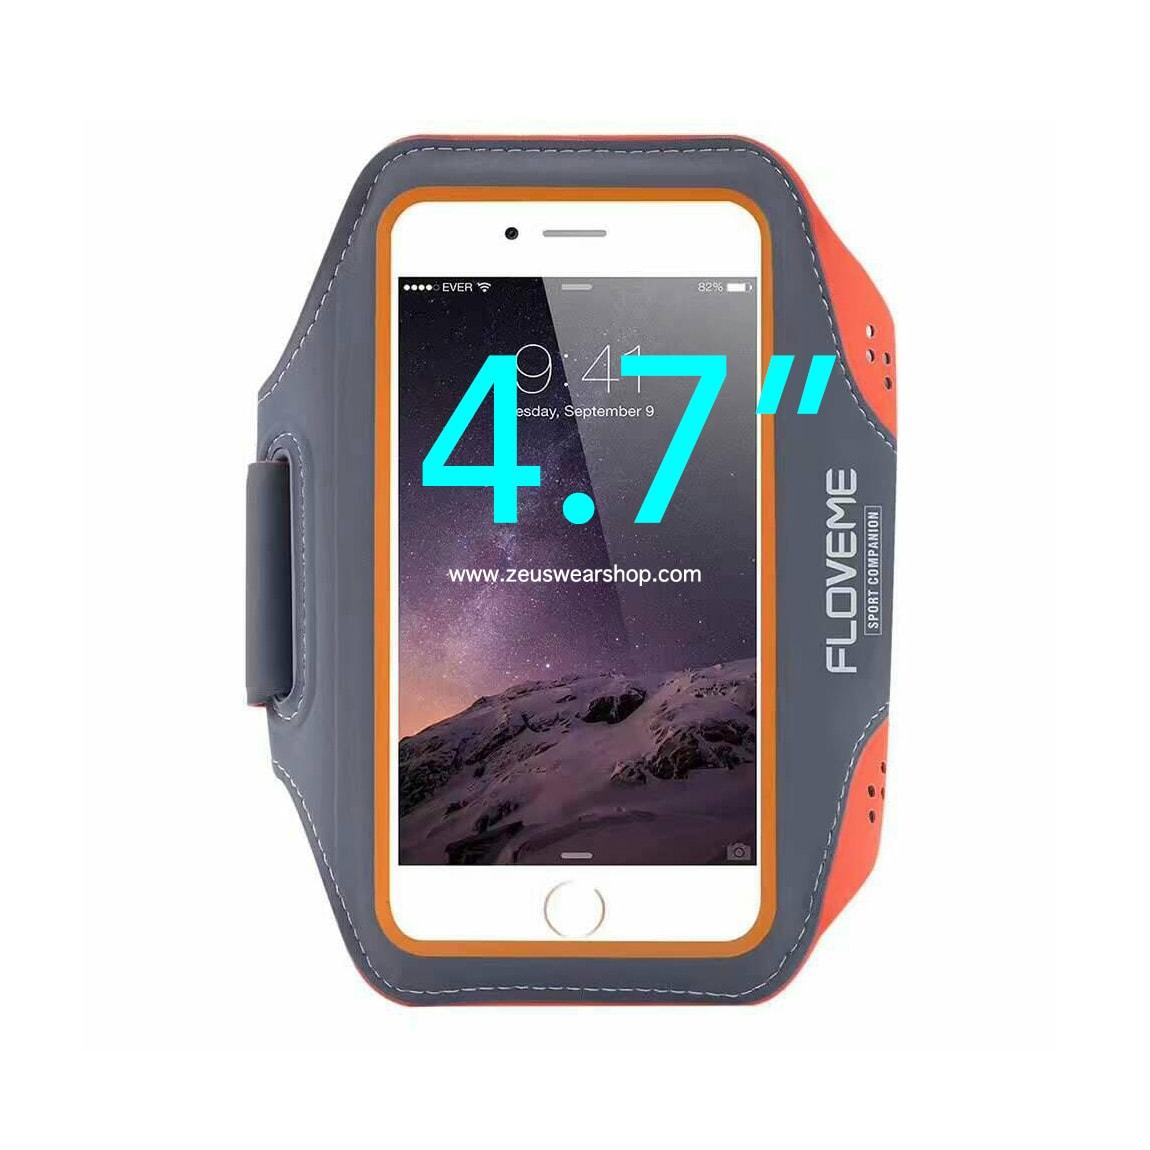 สายรัดแขนวิ่ง สีส้ม Armband ใส่โทรศัพท์หน้าจอ 4.7 นิ้ว